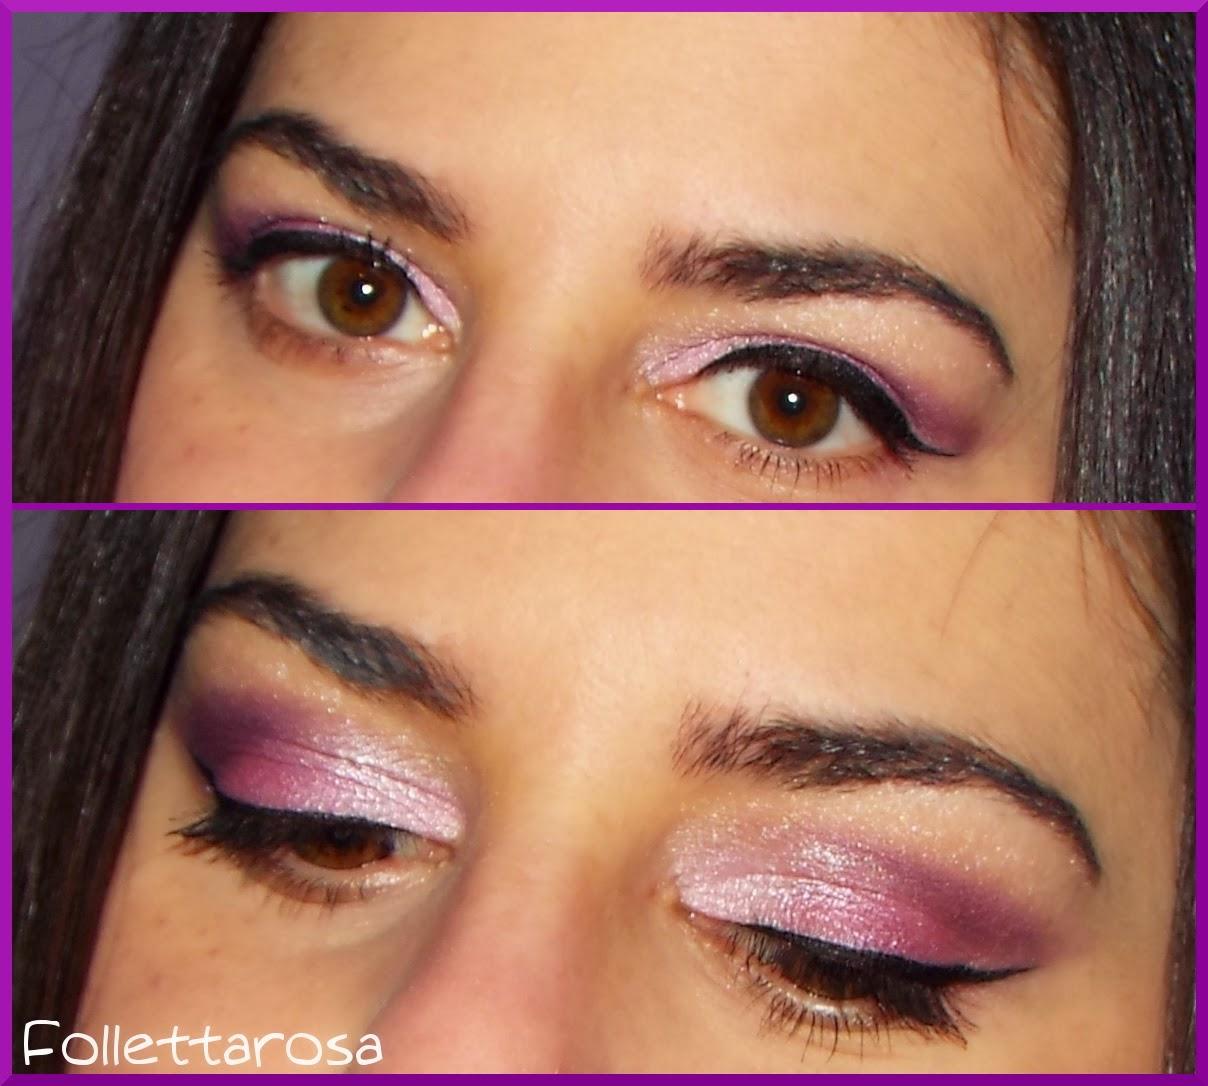 trucco rosa occhi marroni facile